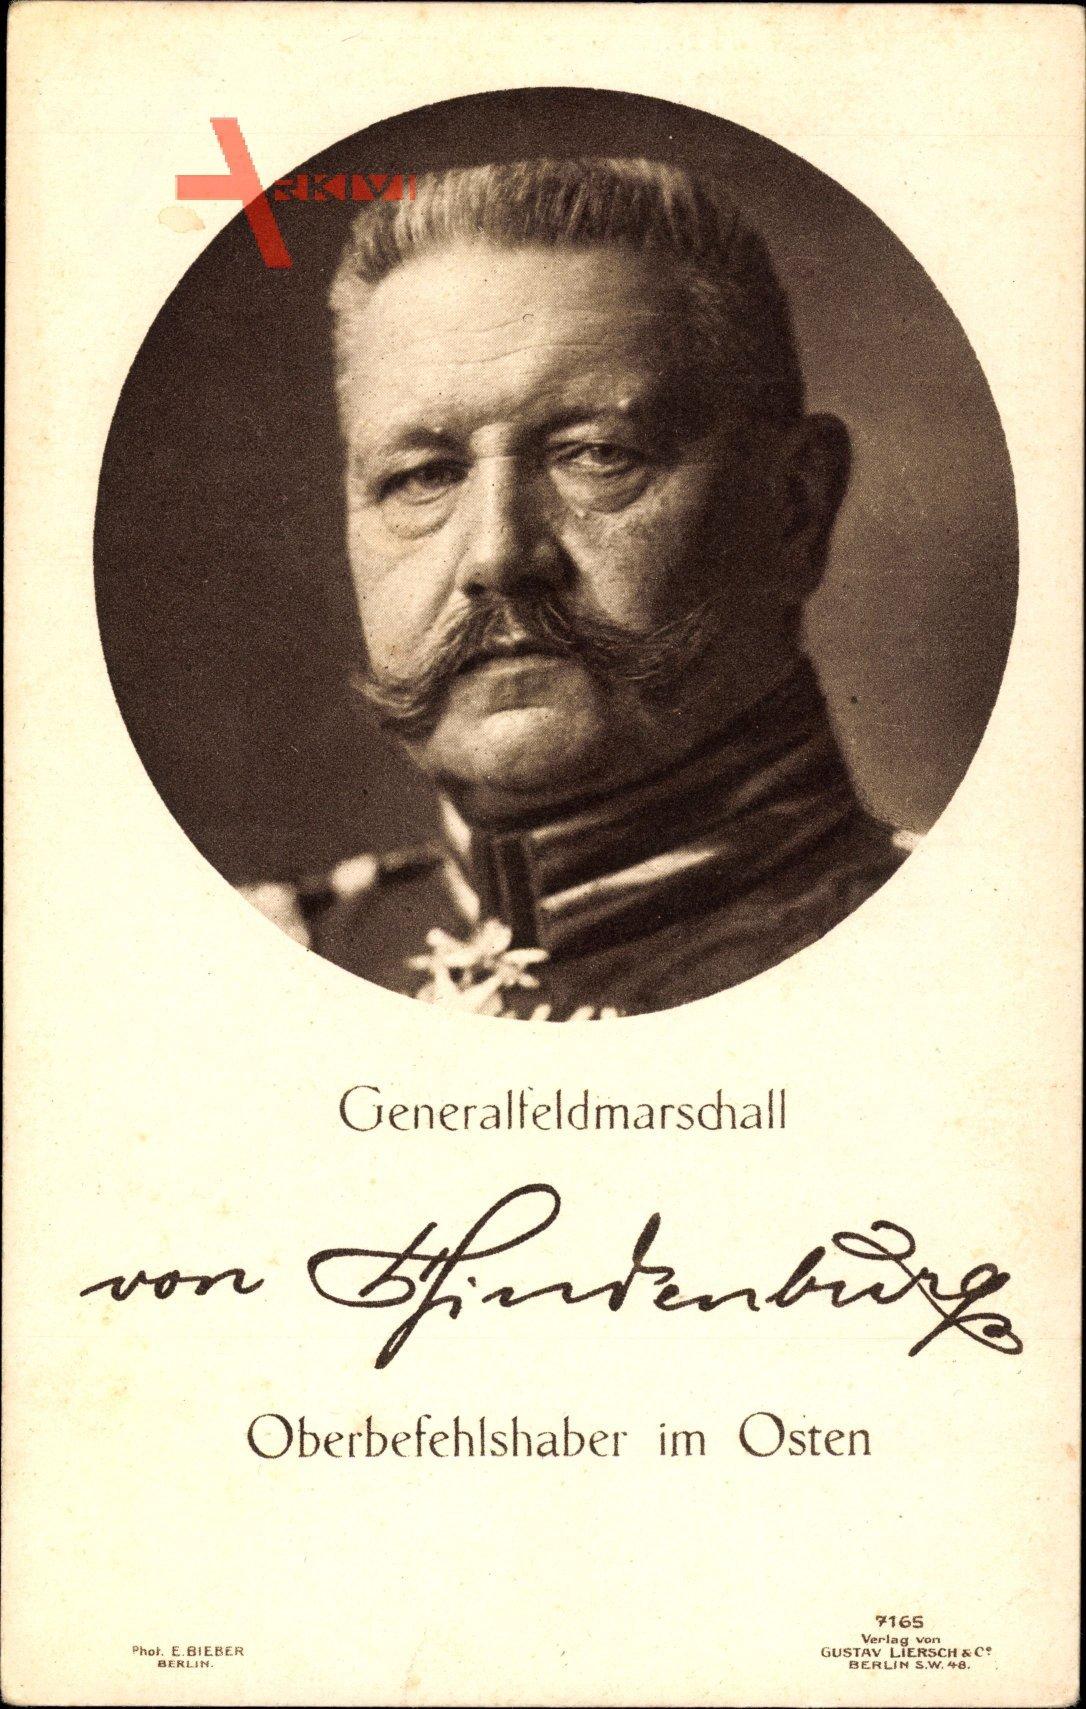 Generalfeldmarschall Paul von Hindenburg, Liersch 7165